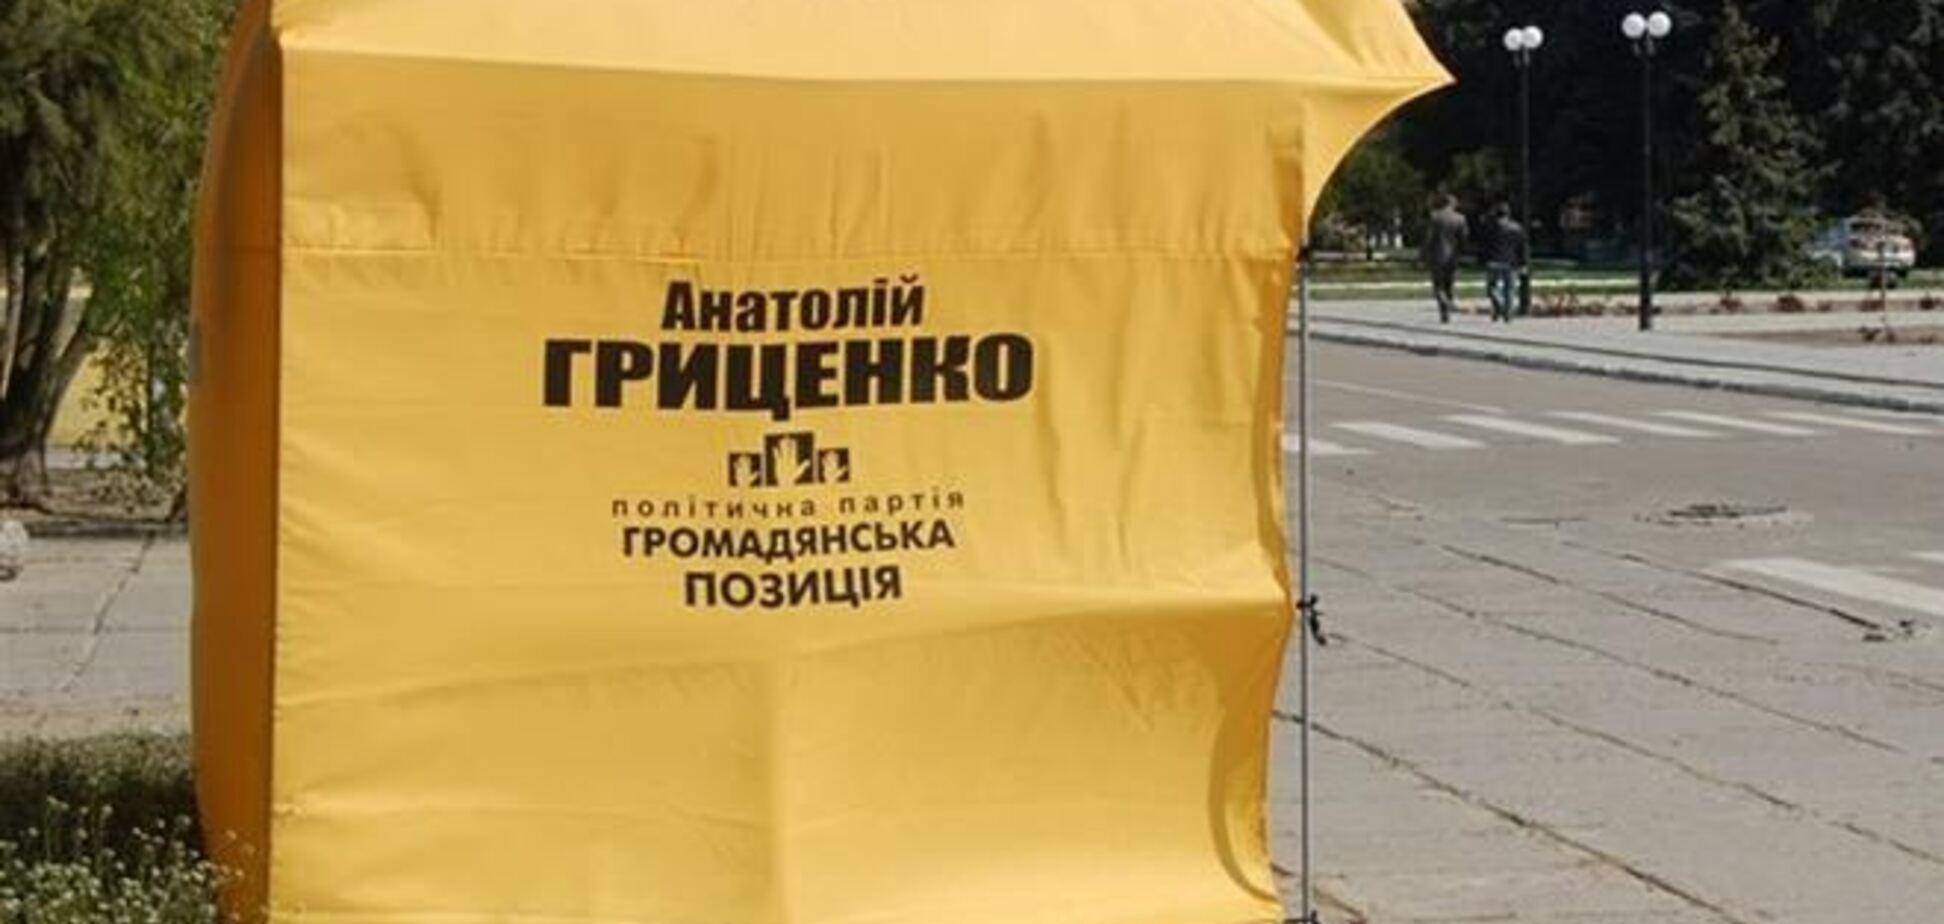 На Луганщине неизвестные силой пытались доказать агитаторам Гриценко, что 'выборов не будет'